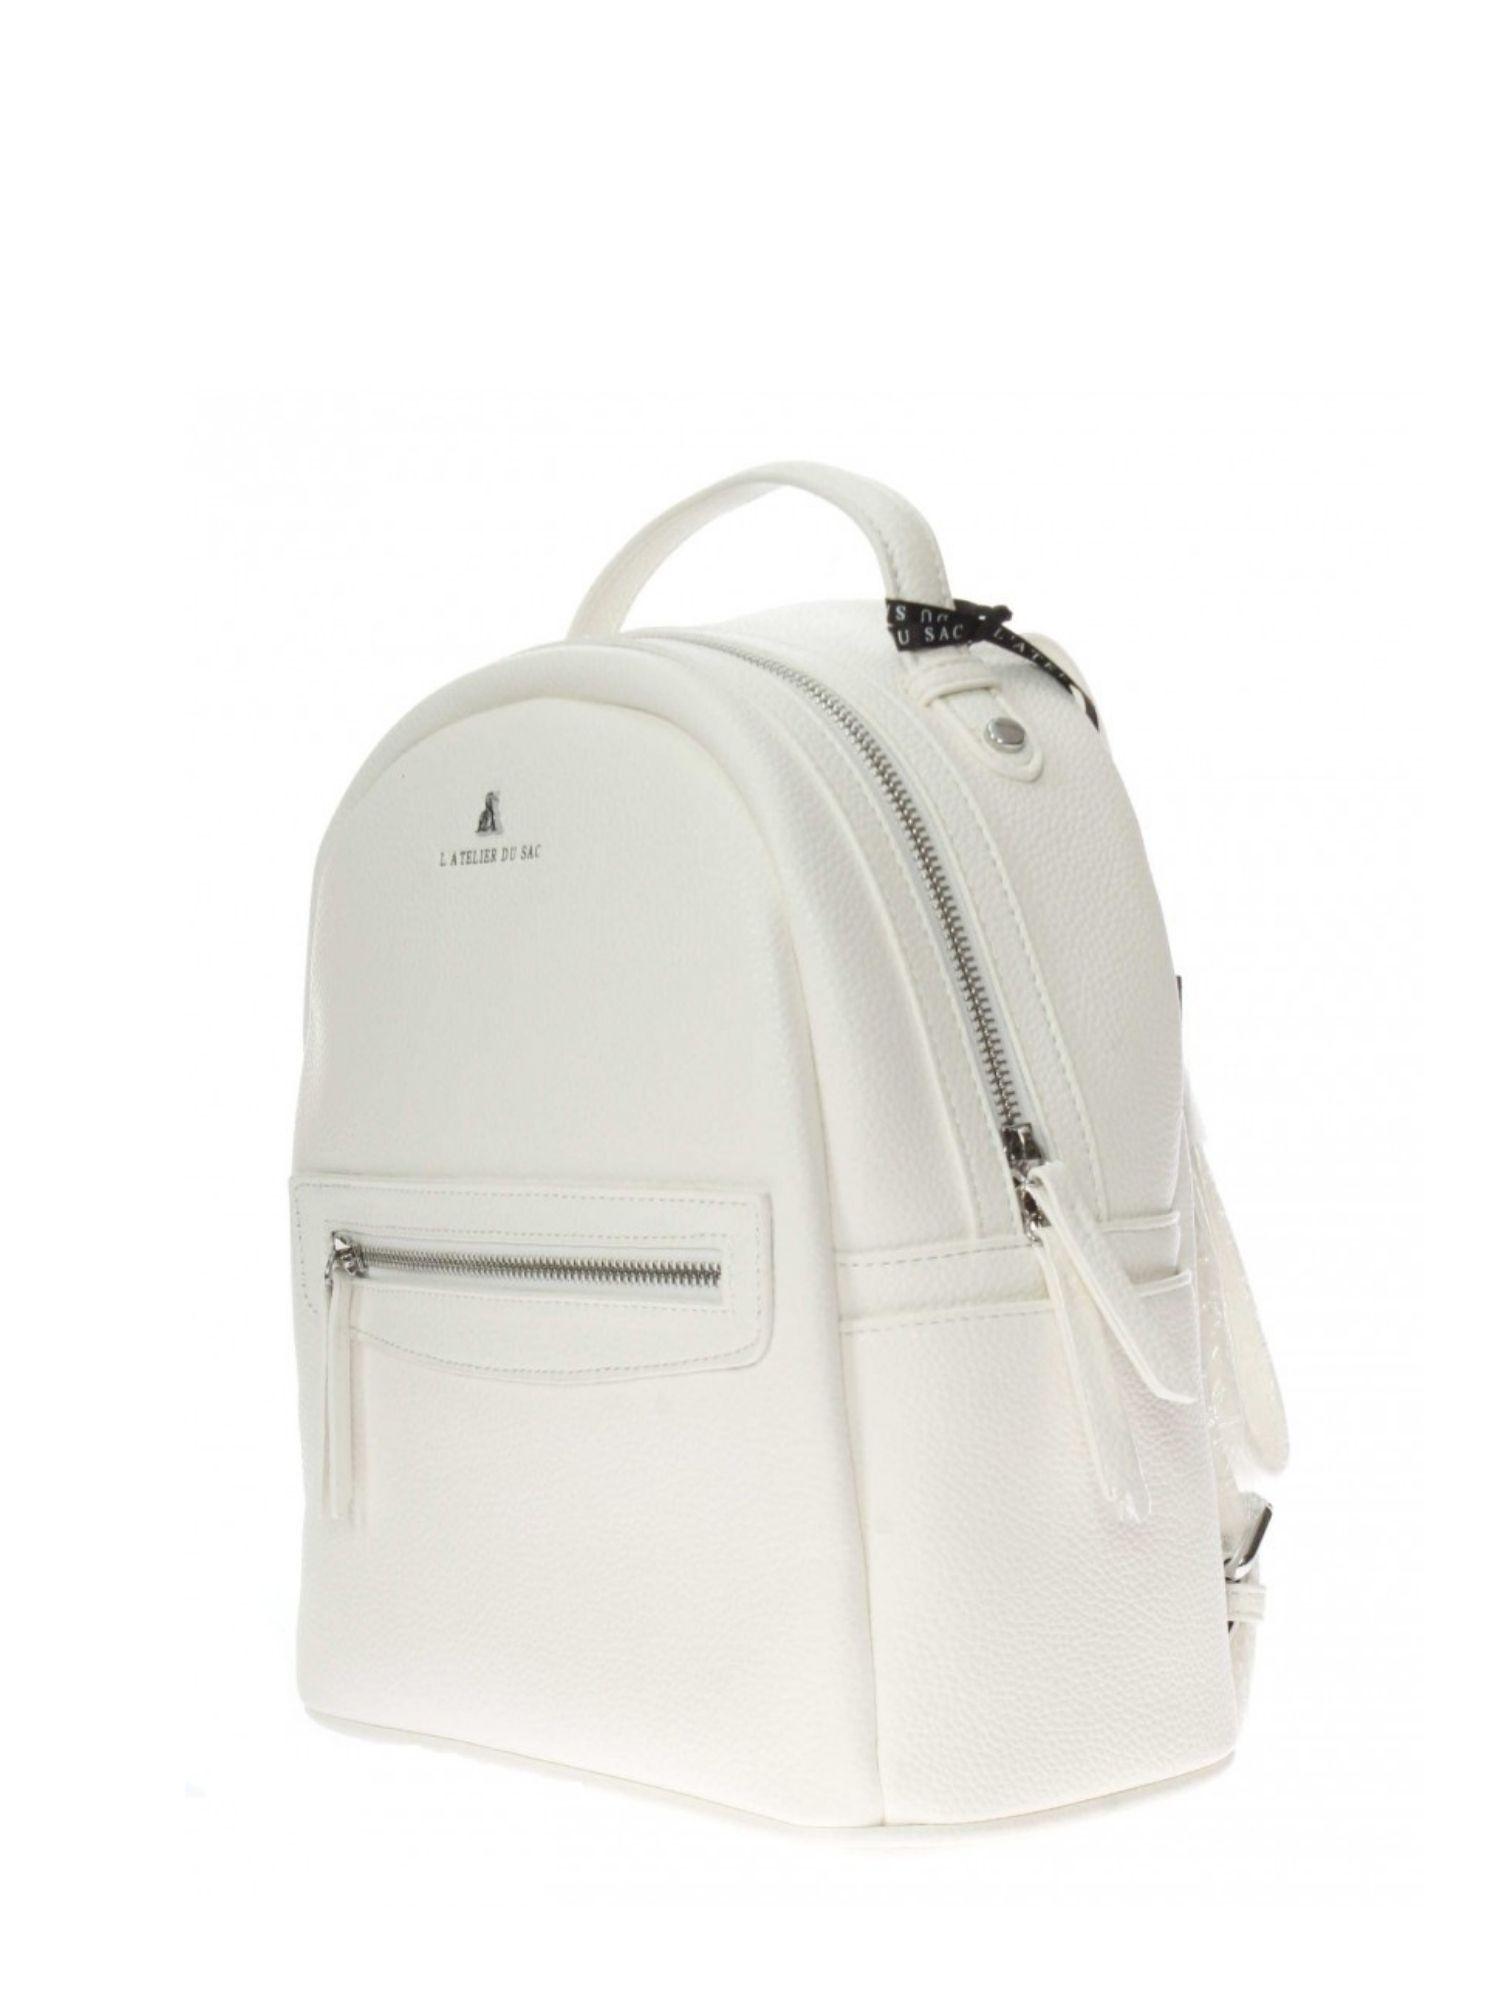 Zaino Pash Bag Atelier Du Sac 10796 Bianco ret 2